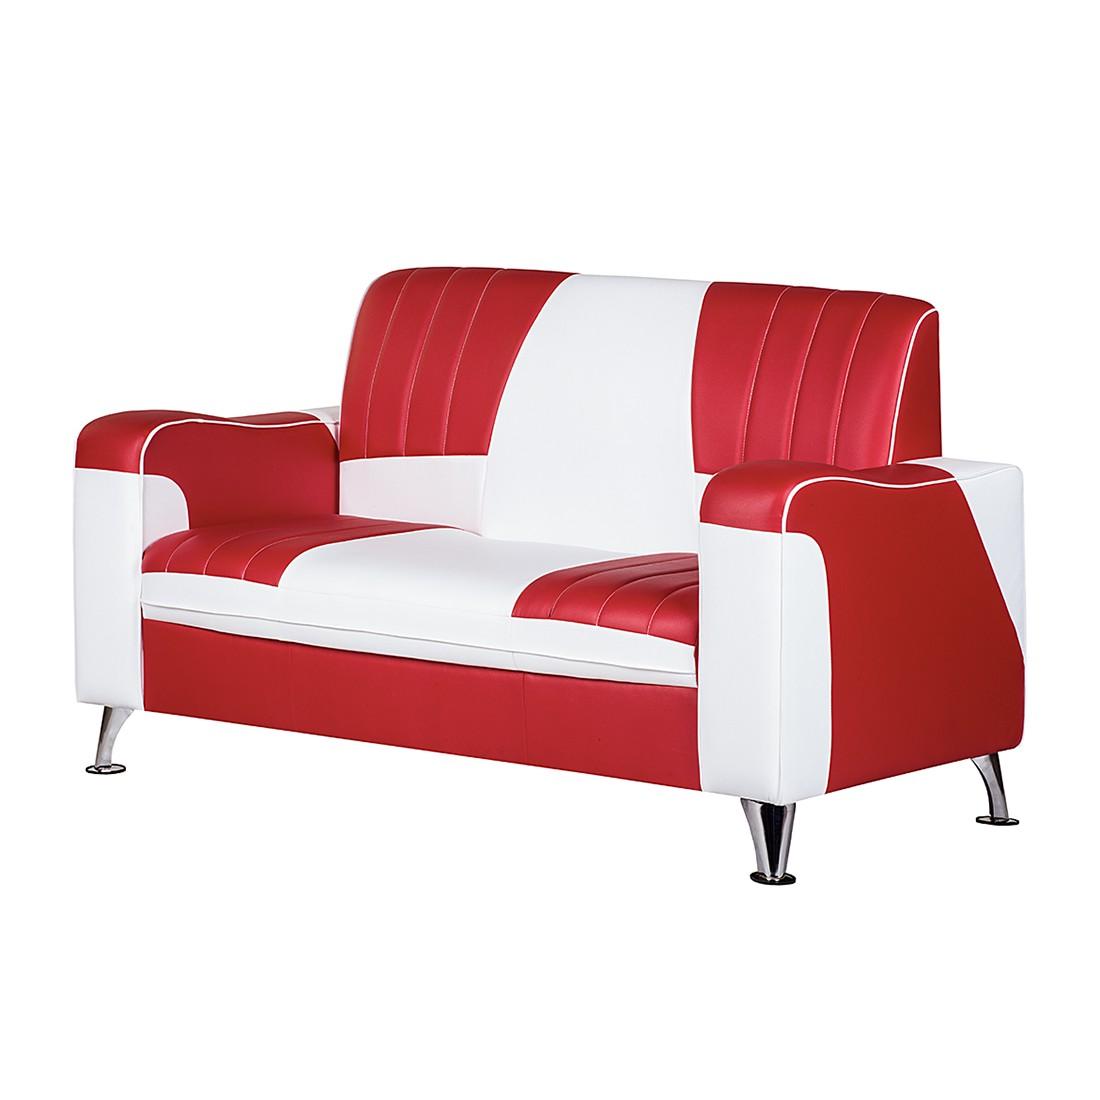 goedkoop Bank Nixa 2zitsbank rood wit kunstleer Studio Monroe